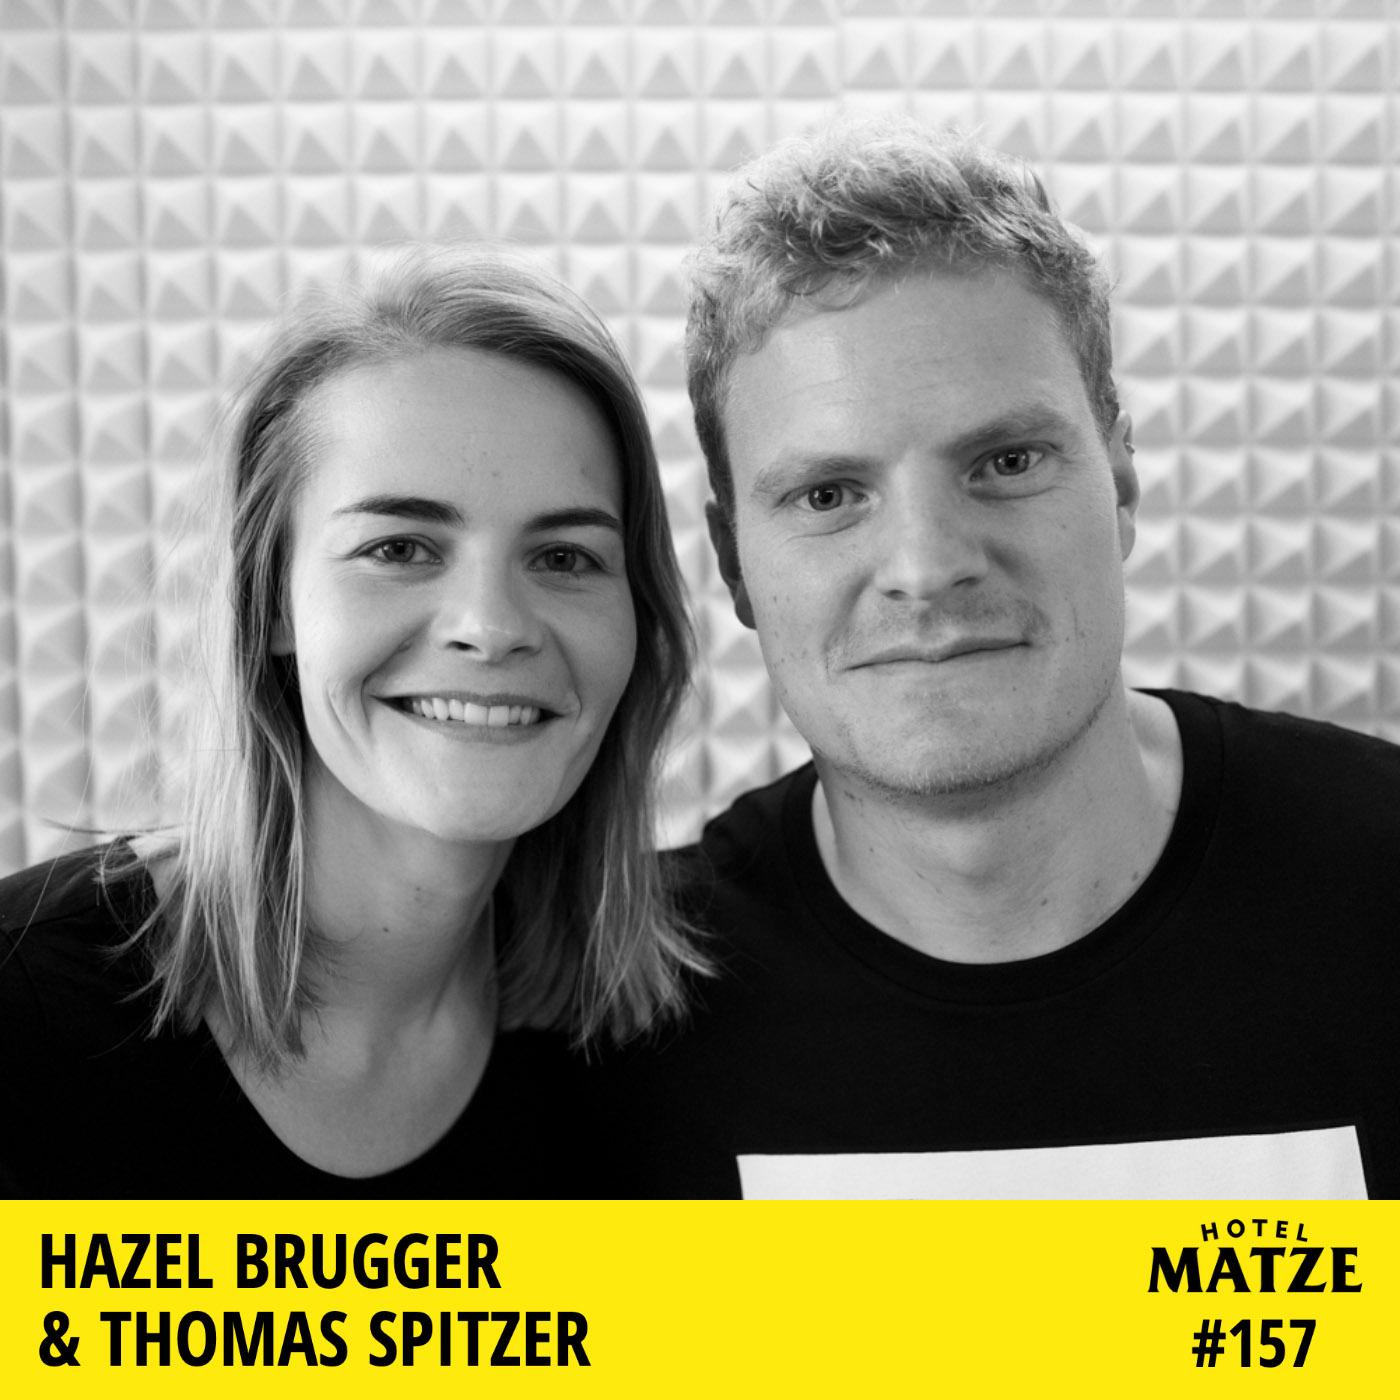 Hazel Brugger & Thomas Spitzer – Was hält euch zusammen?